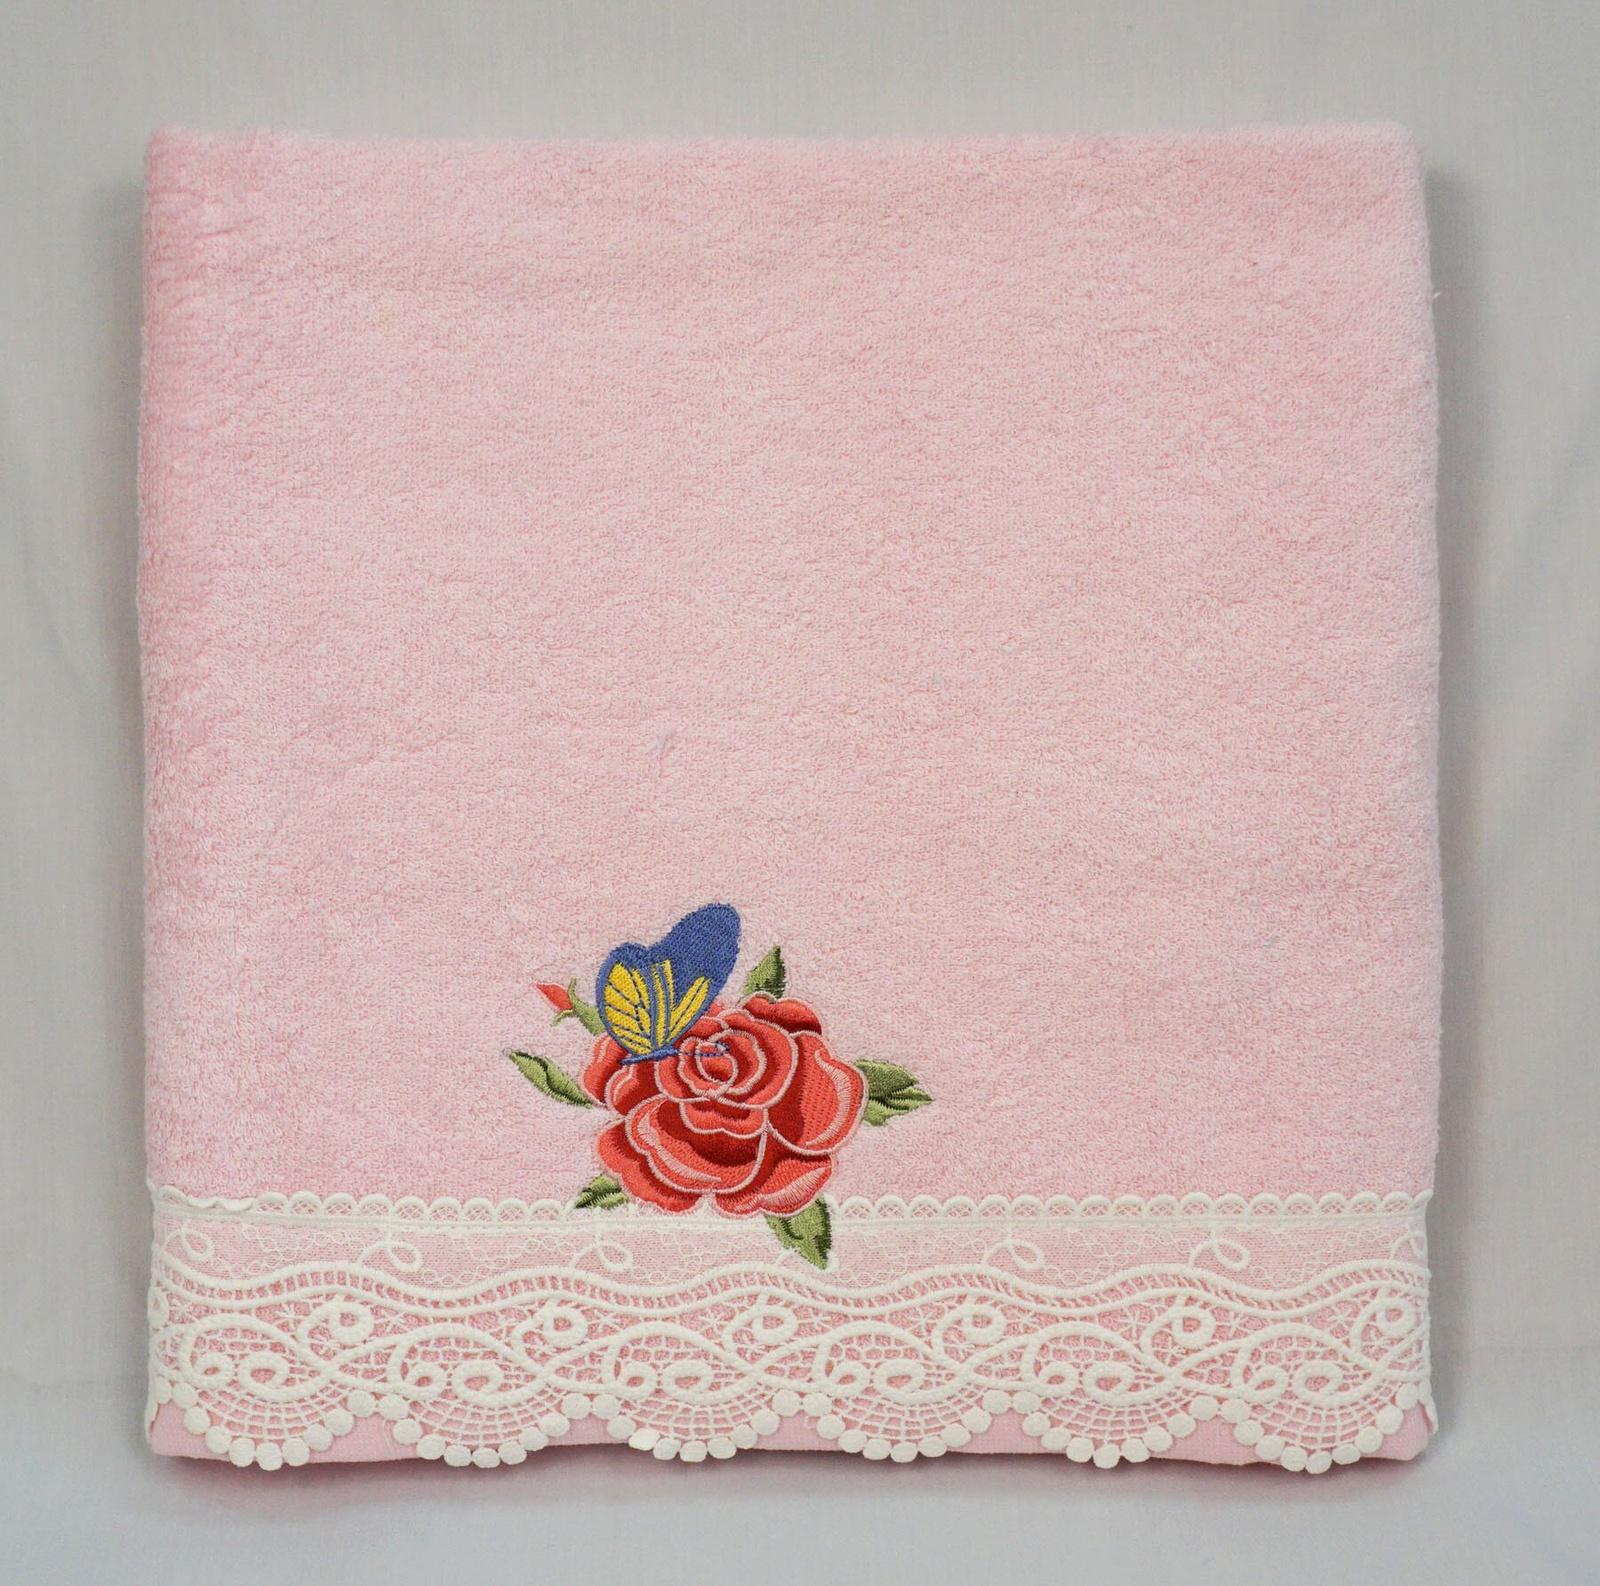 Полотенце банное Grand Stil Николь, размер 65*135, 14-54b, розовый14-54brБанные махровые полотенца.Торговая Марка «Гранд стиль» производит и реализует текстиль только наивысшего качества. Мы предлагаем махровые изделия изготовленные из бамбука хлопка и модала. Наши полотенца прекрасно впитывают влагу, не линяют и не выцветают